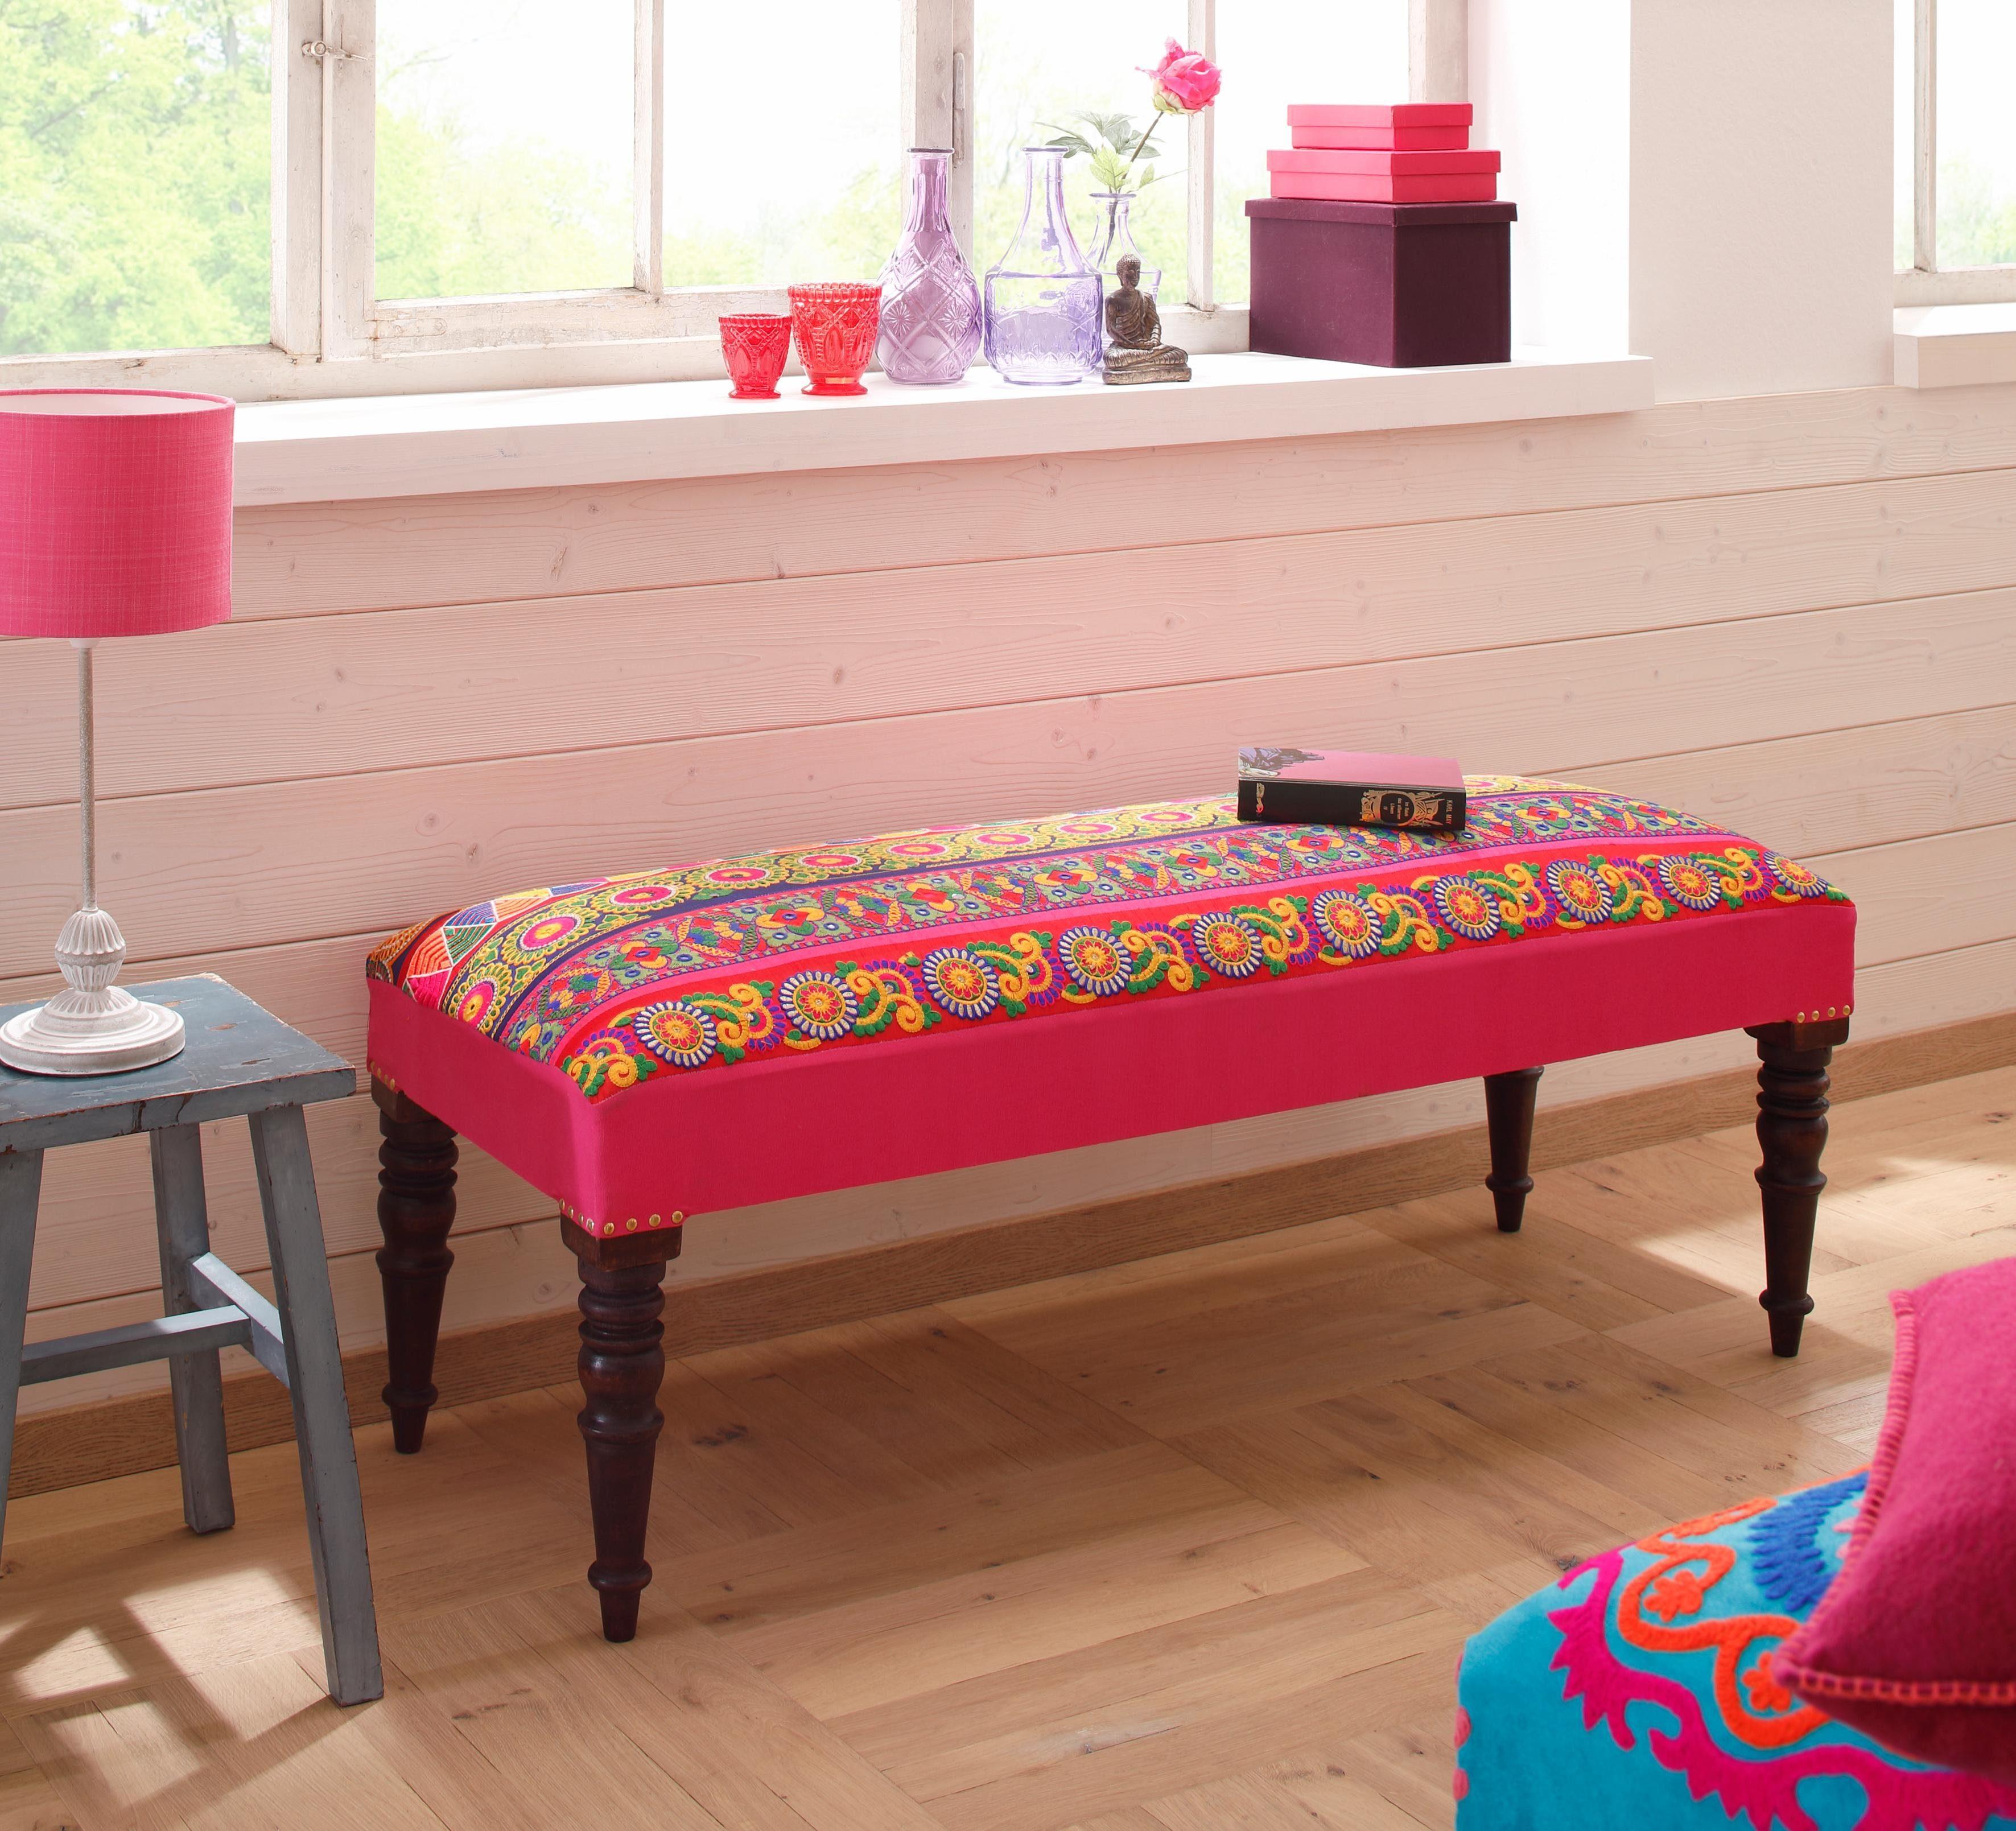 Home affaire Sitzbank «Sari«, mit Stickereien in strahlenden Farben und geschnitzten Beinen